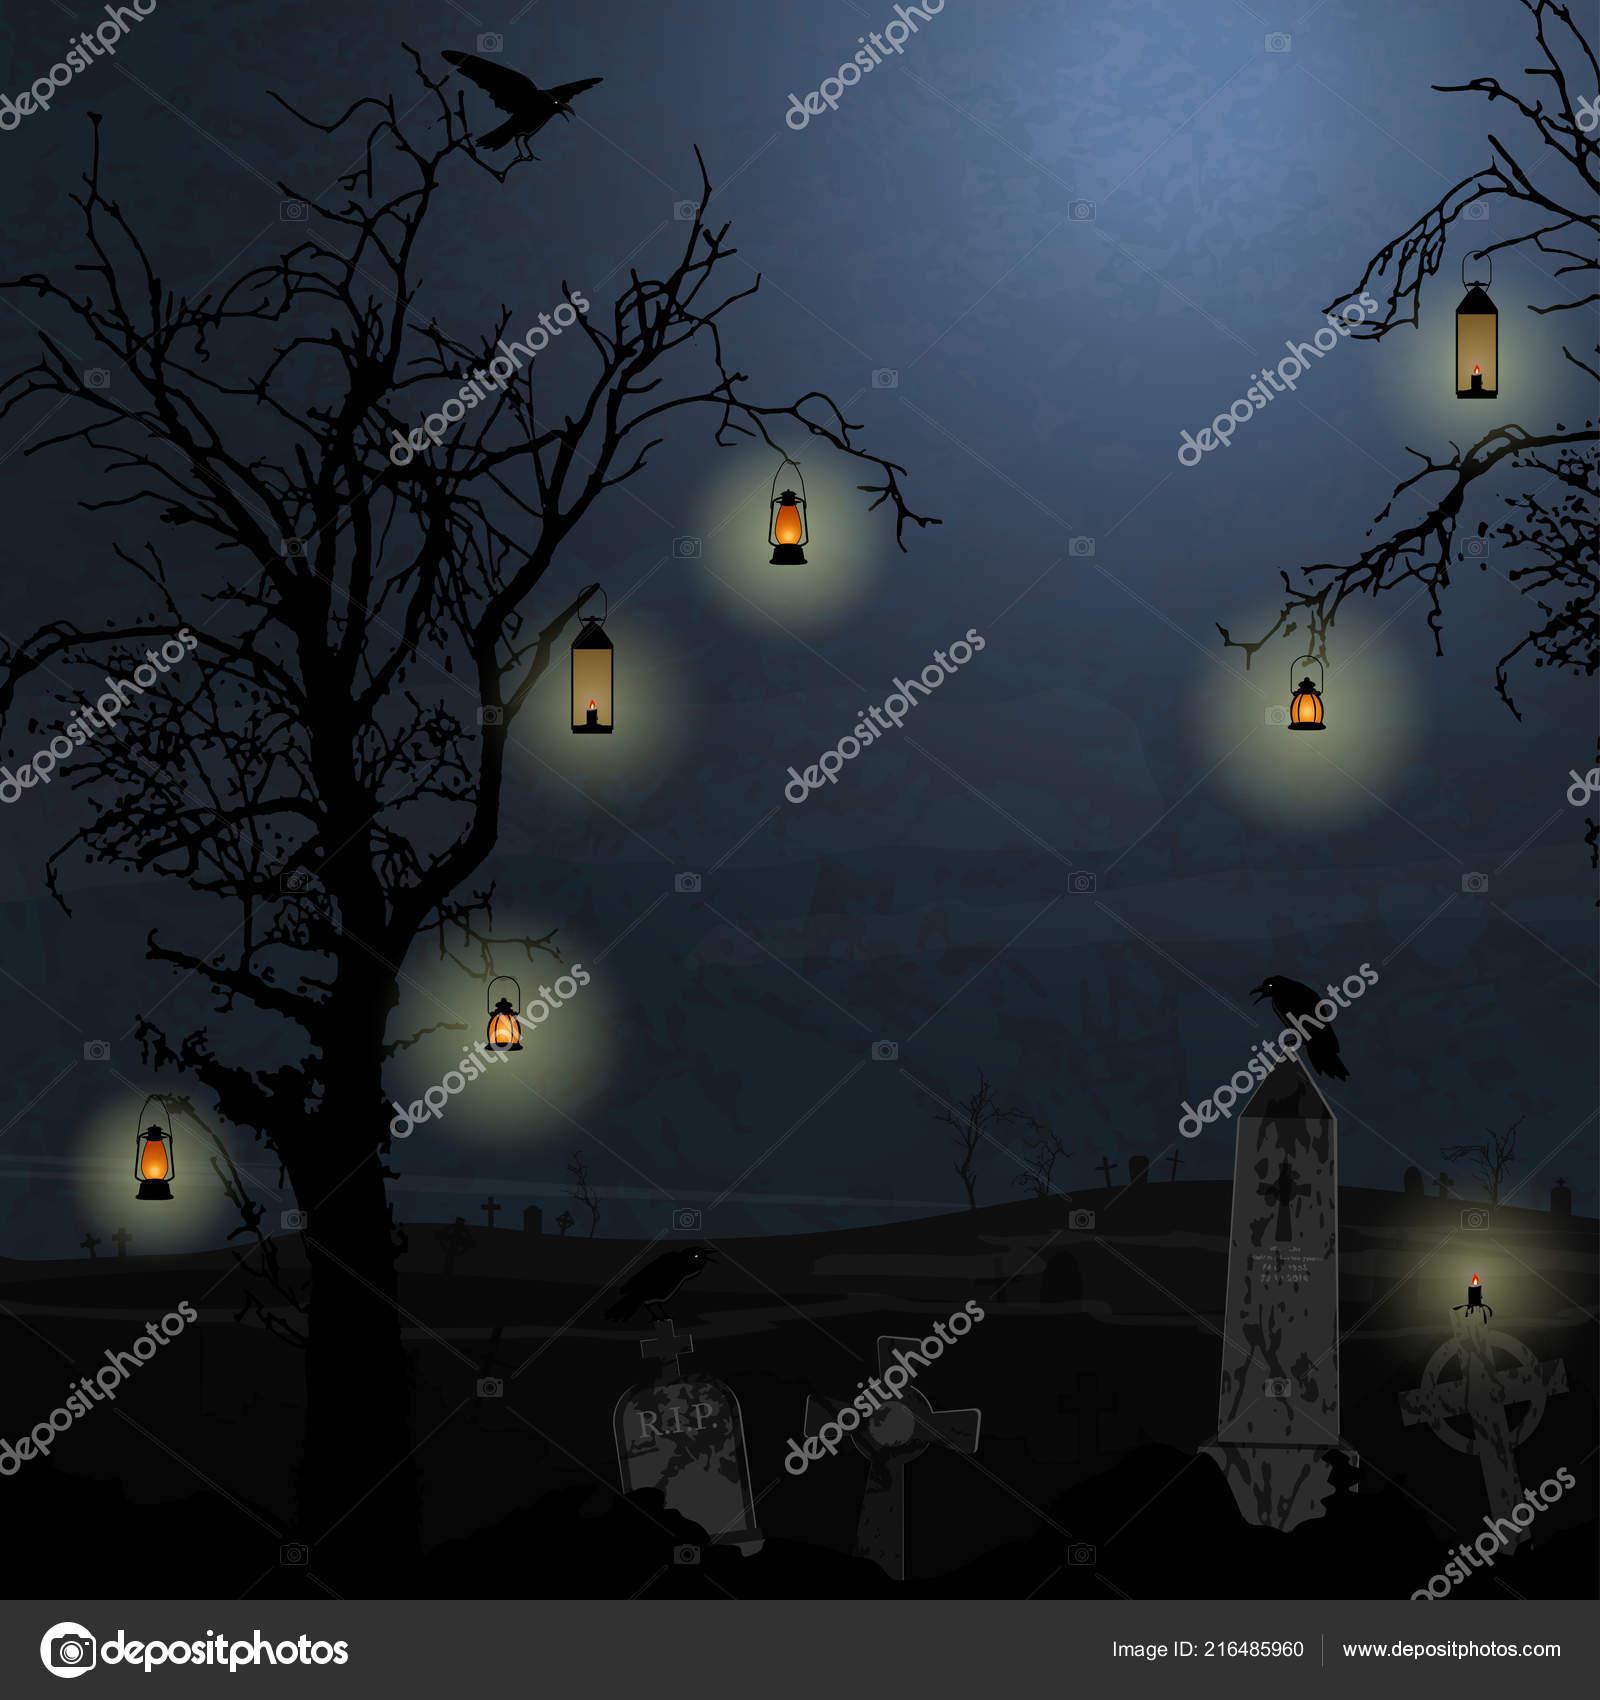 Halloween Cmentarz Tło Drzew Lampy Wiszące Przed Ciemną Noc